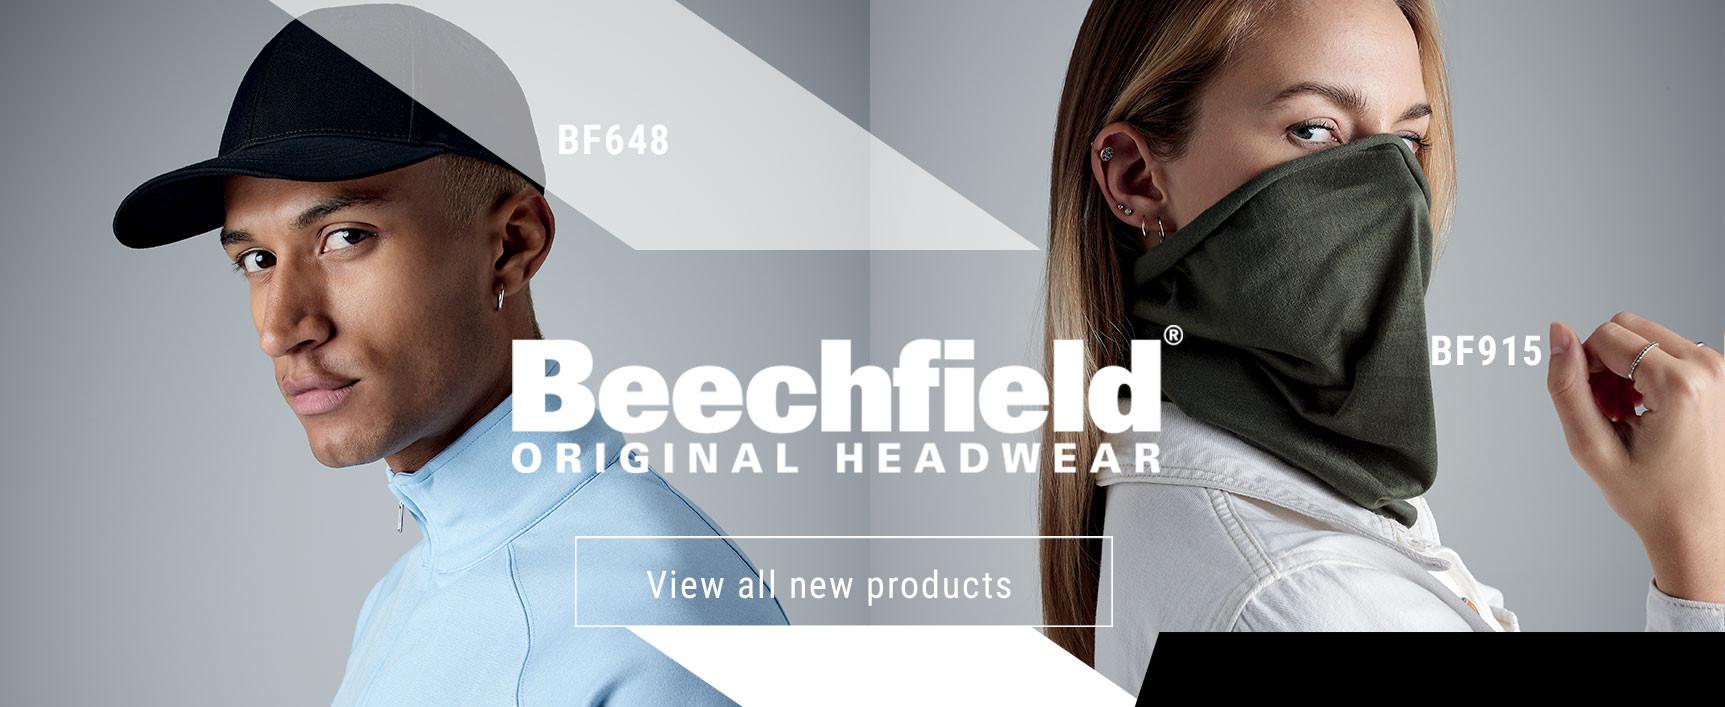 Nouveauté Beechfield